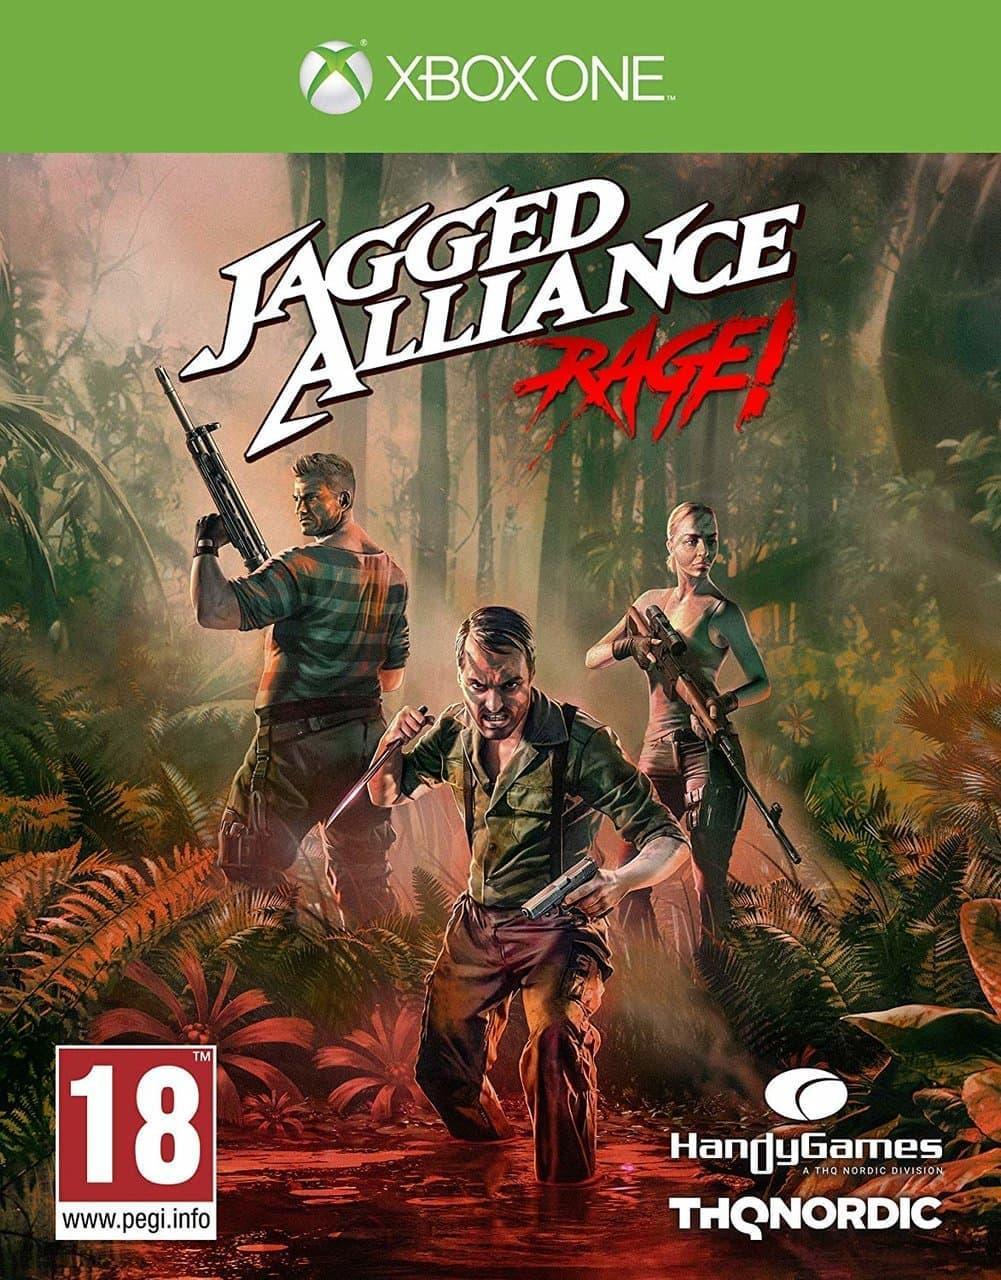 Jagged Alliance Rage (російська версія) Xbox One